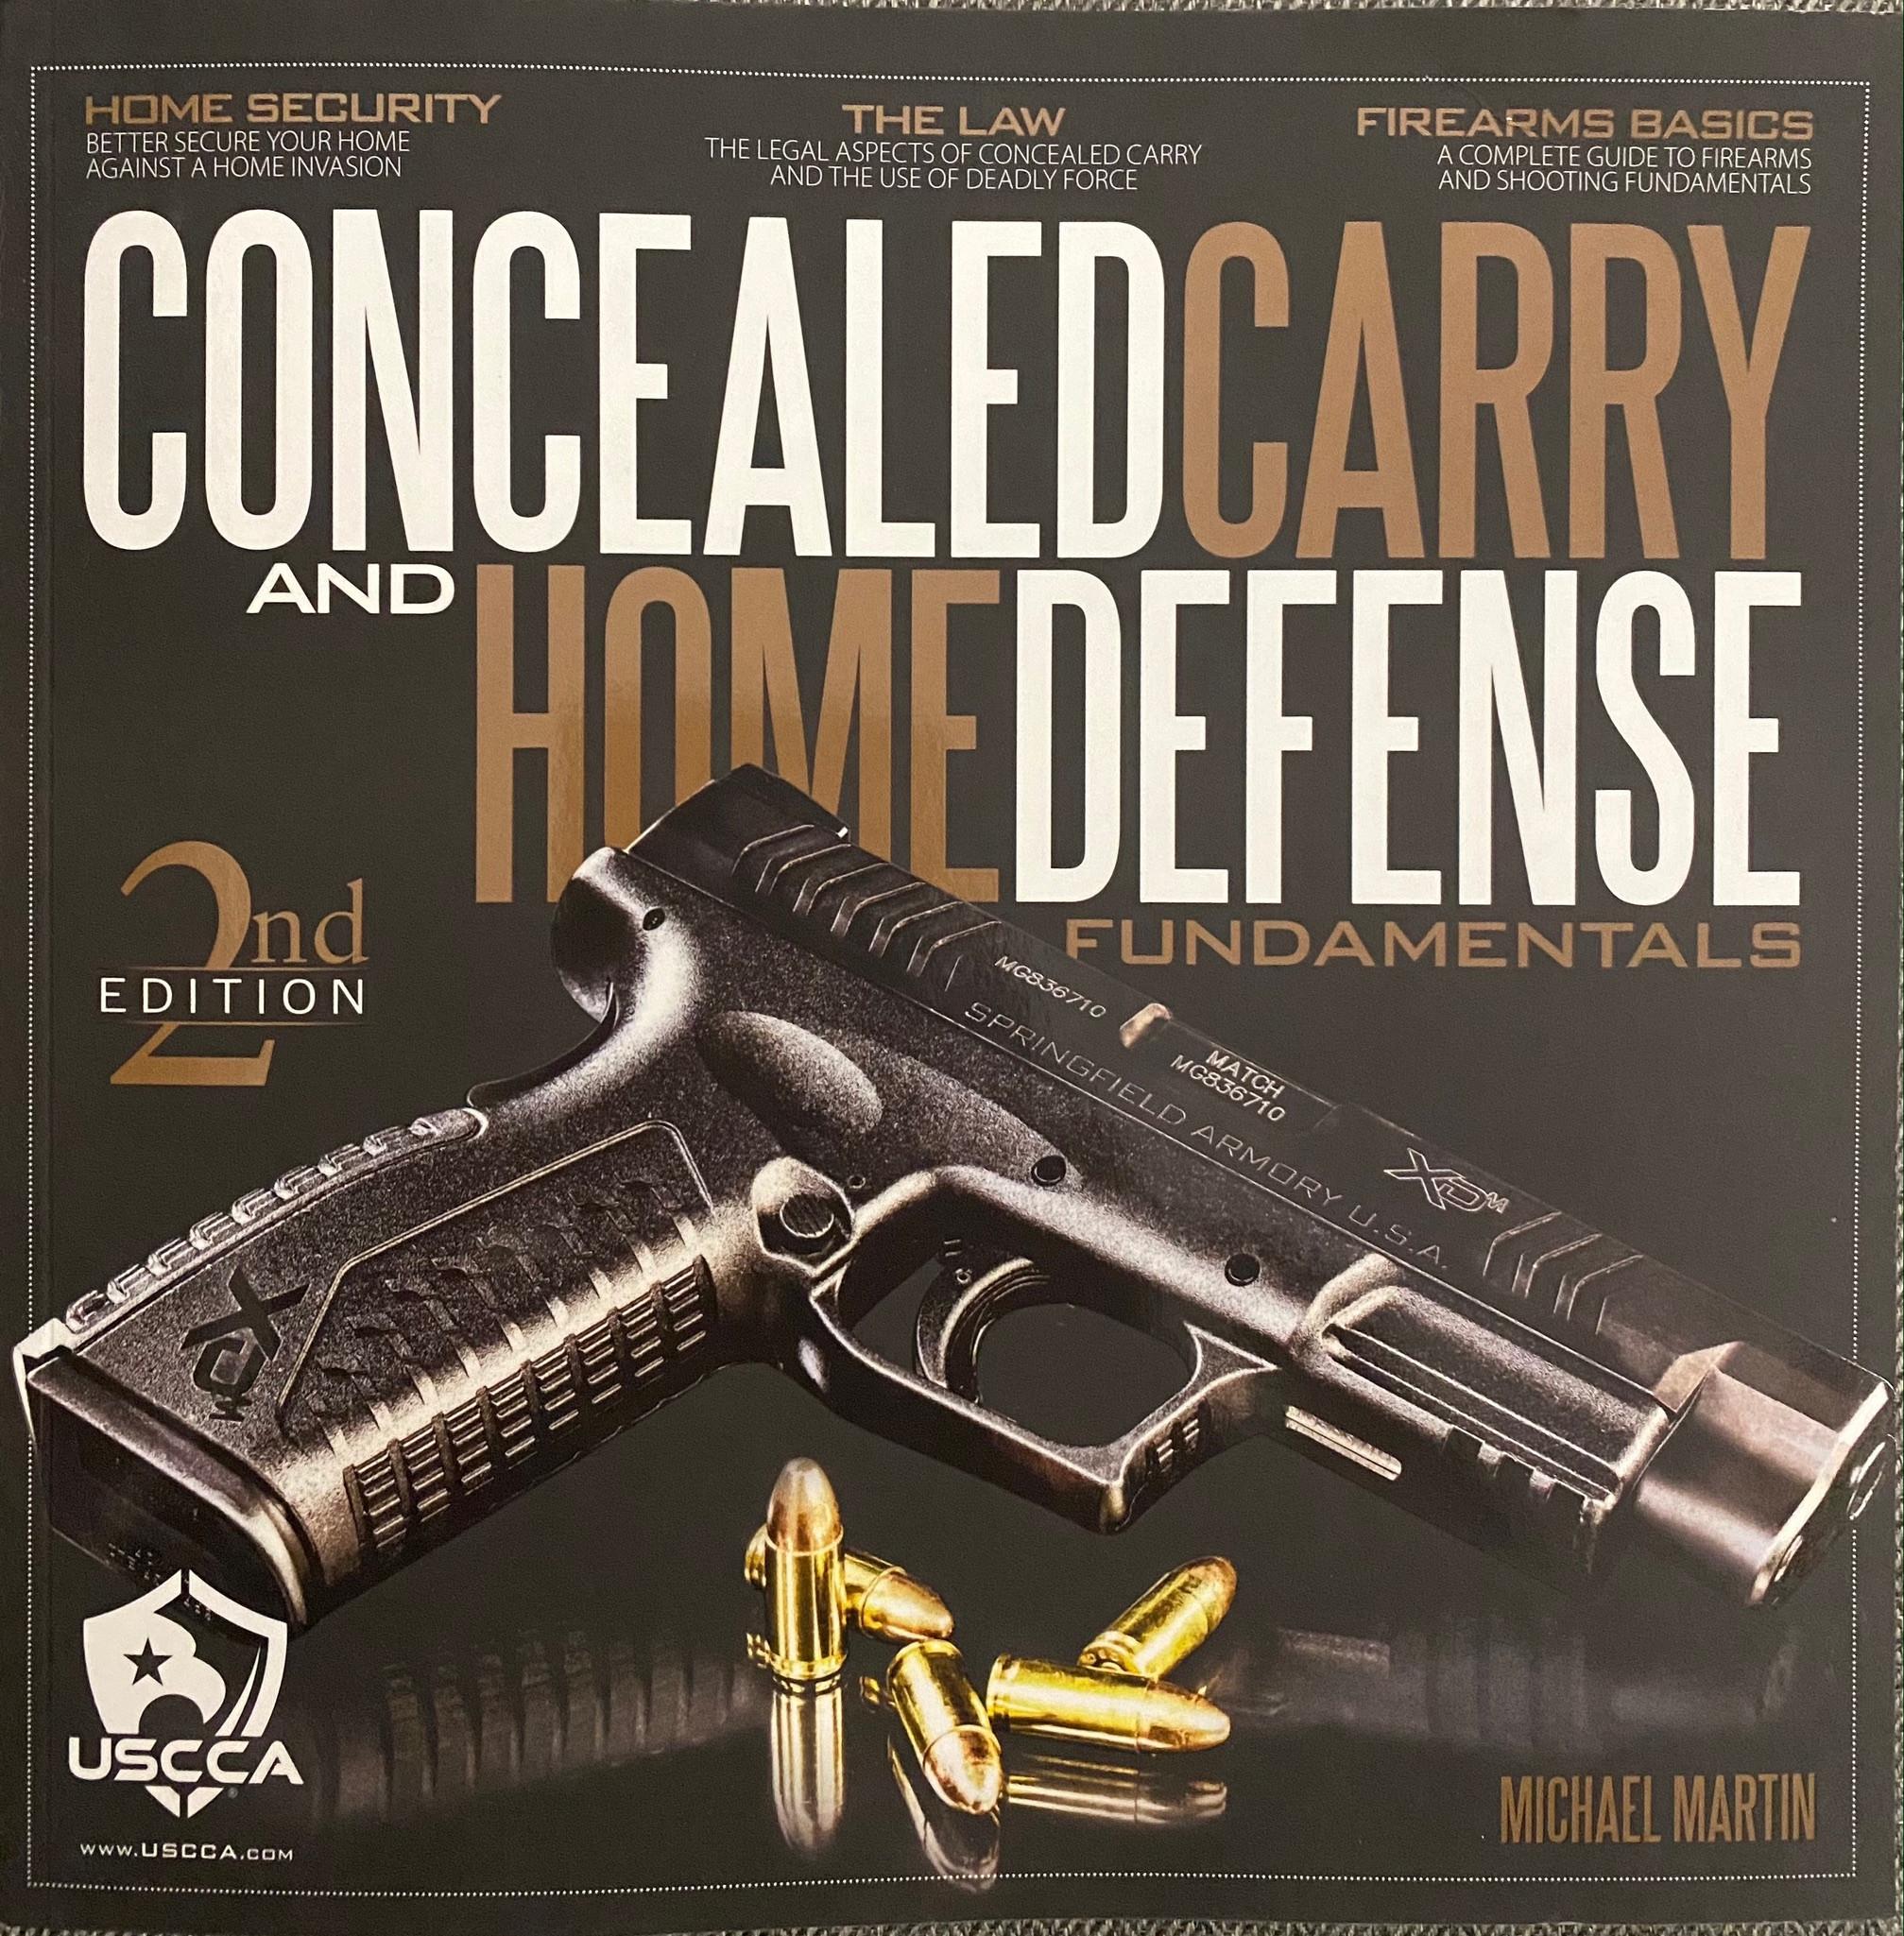 Intro Pistol 1 - USCCA (Amarillo Texas)